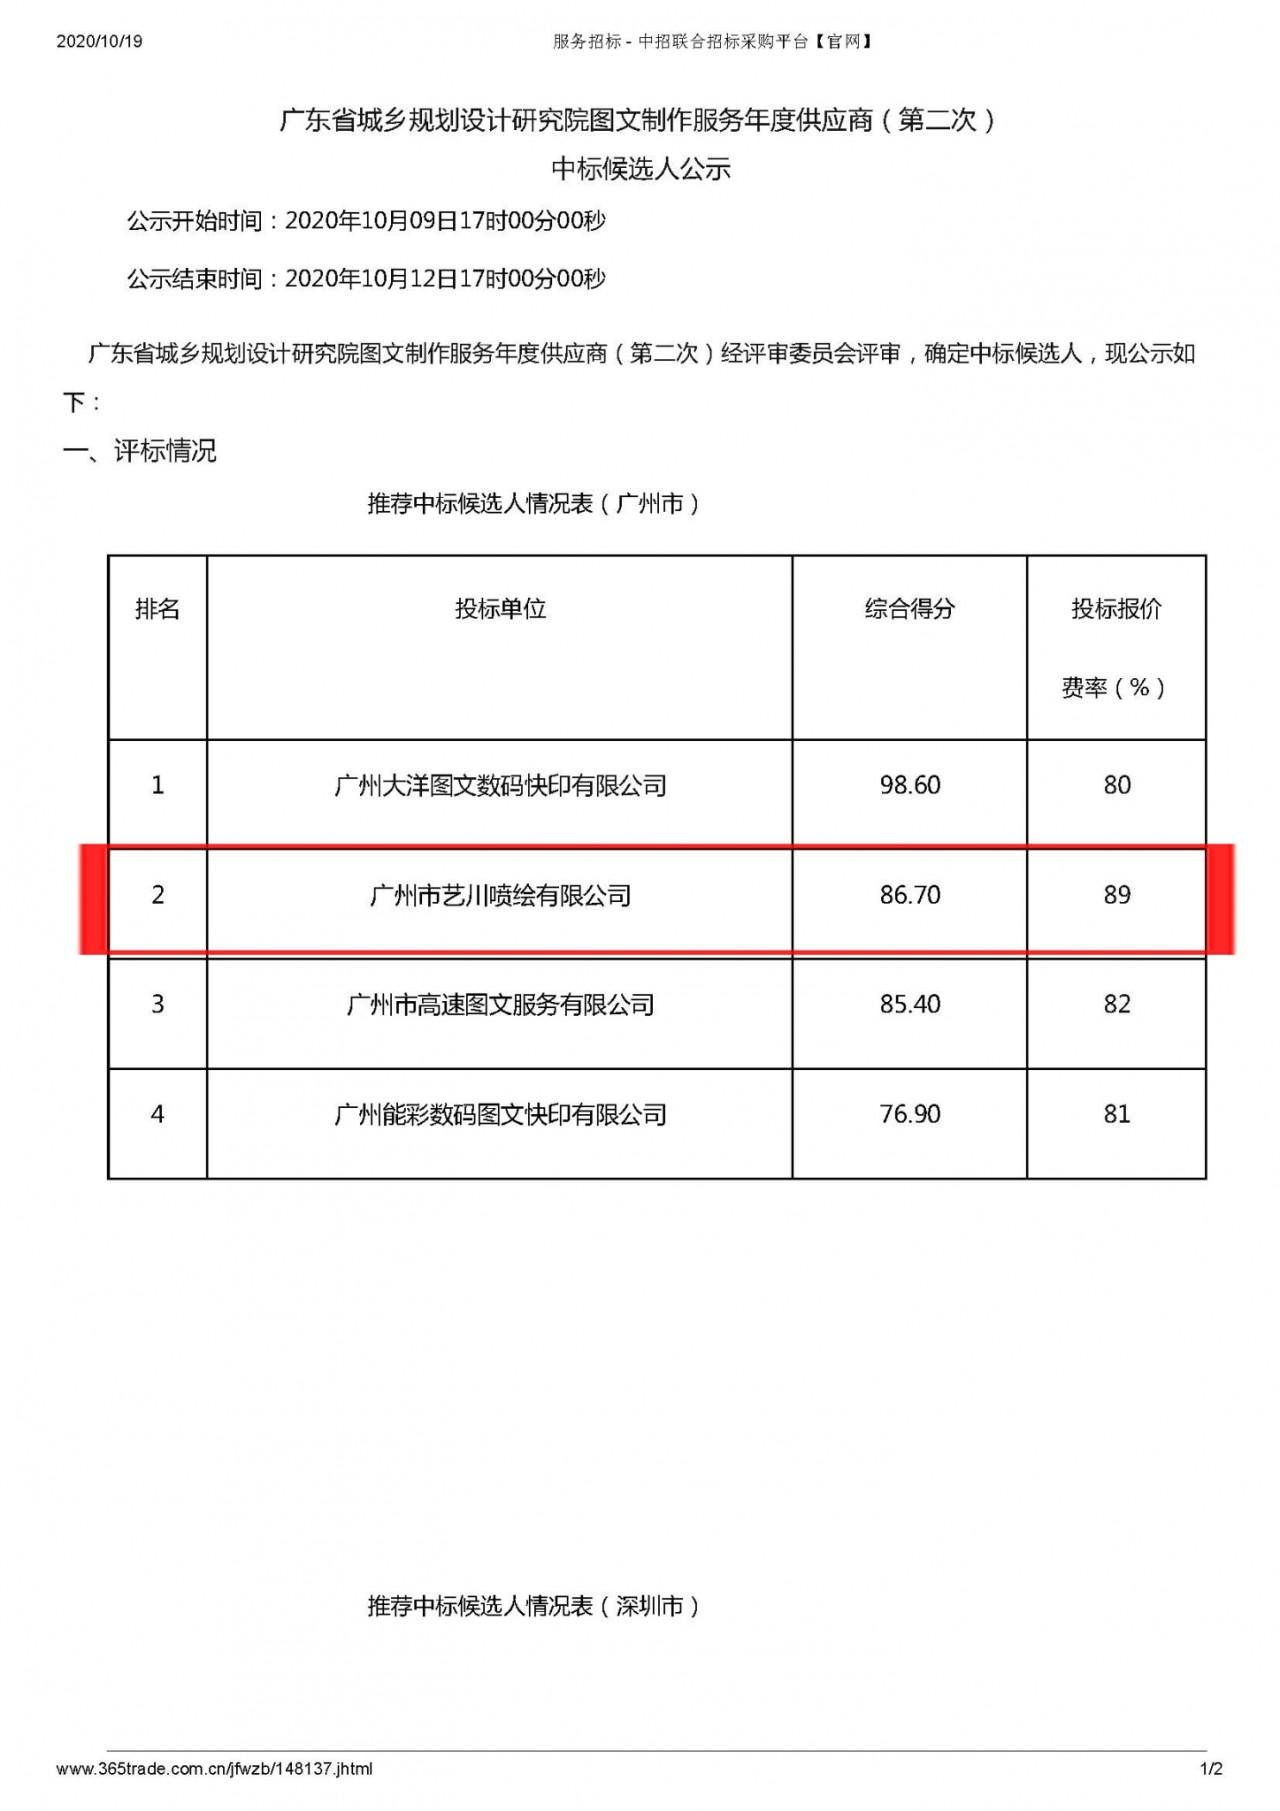 服务招标 - 中招联合招标采购平台【官网】_页面_1_看图王.jpg